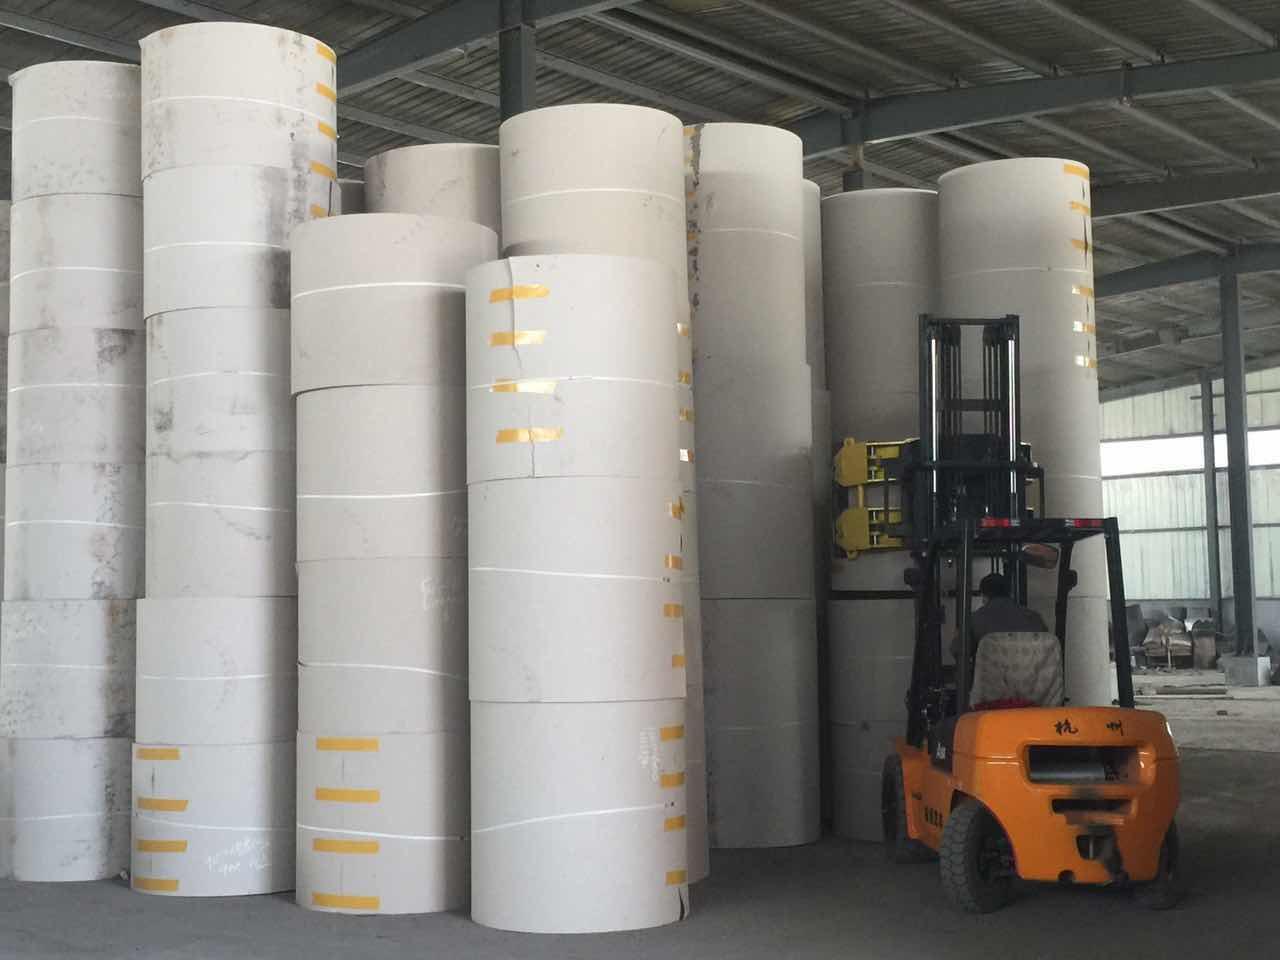 寿光纱管纸批发商_可信赖的纱管纸产品信息